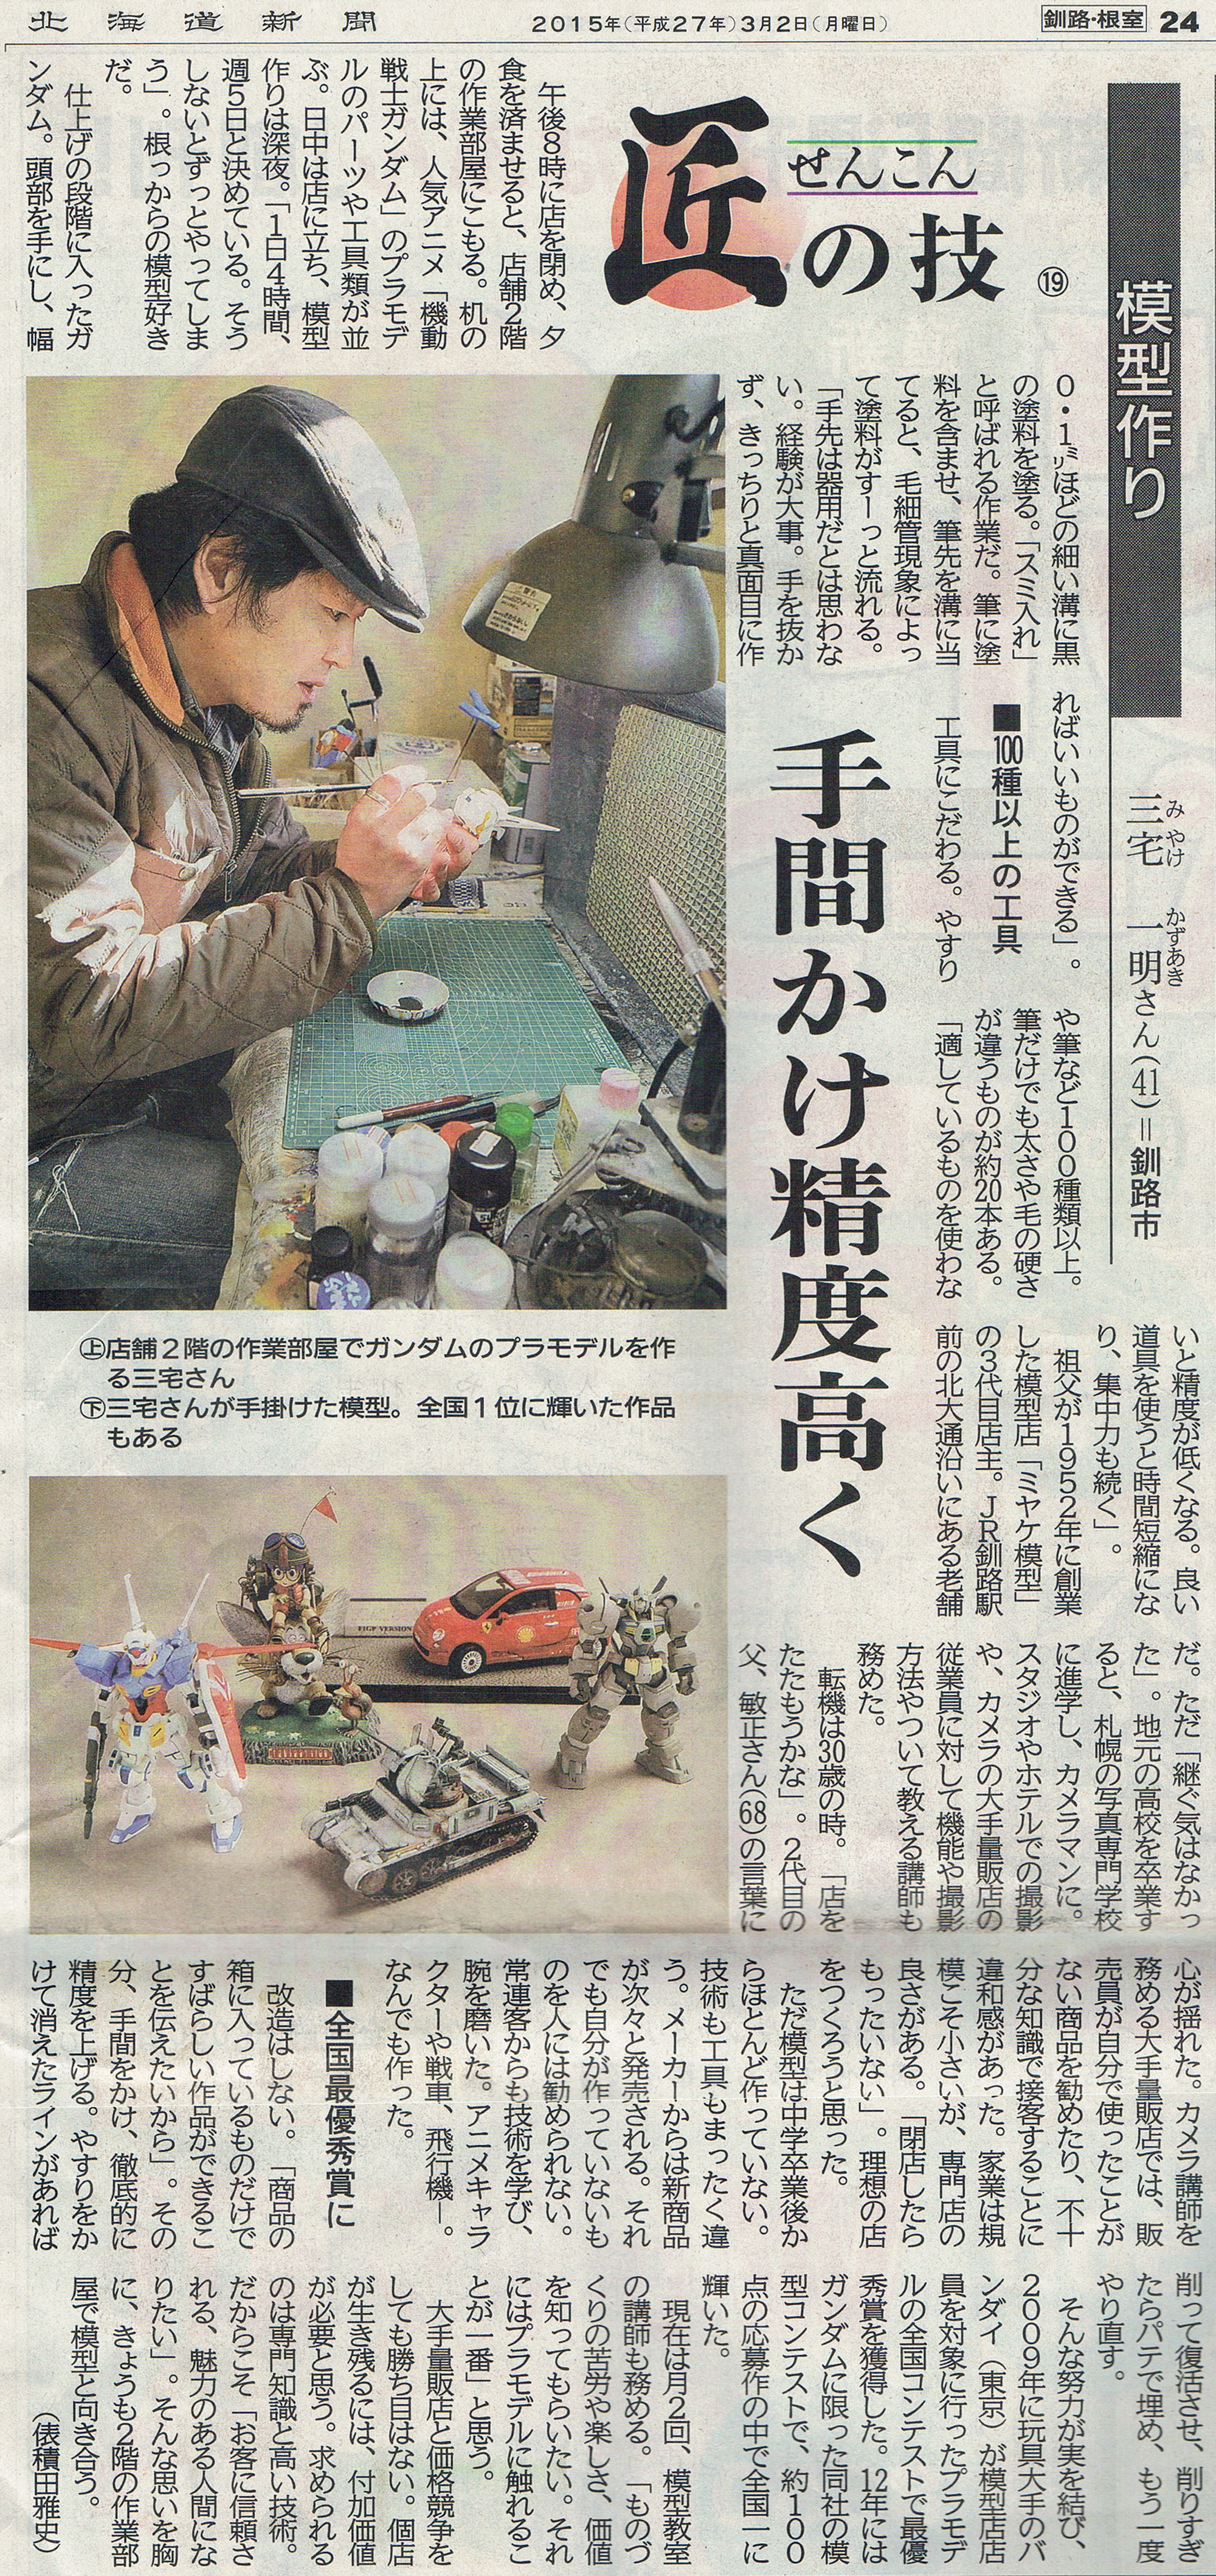 2015-3-2日北海道新聞朝刊